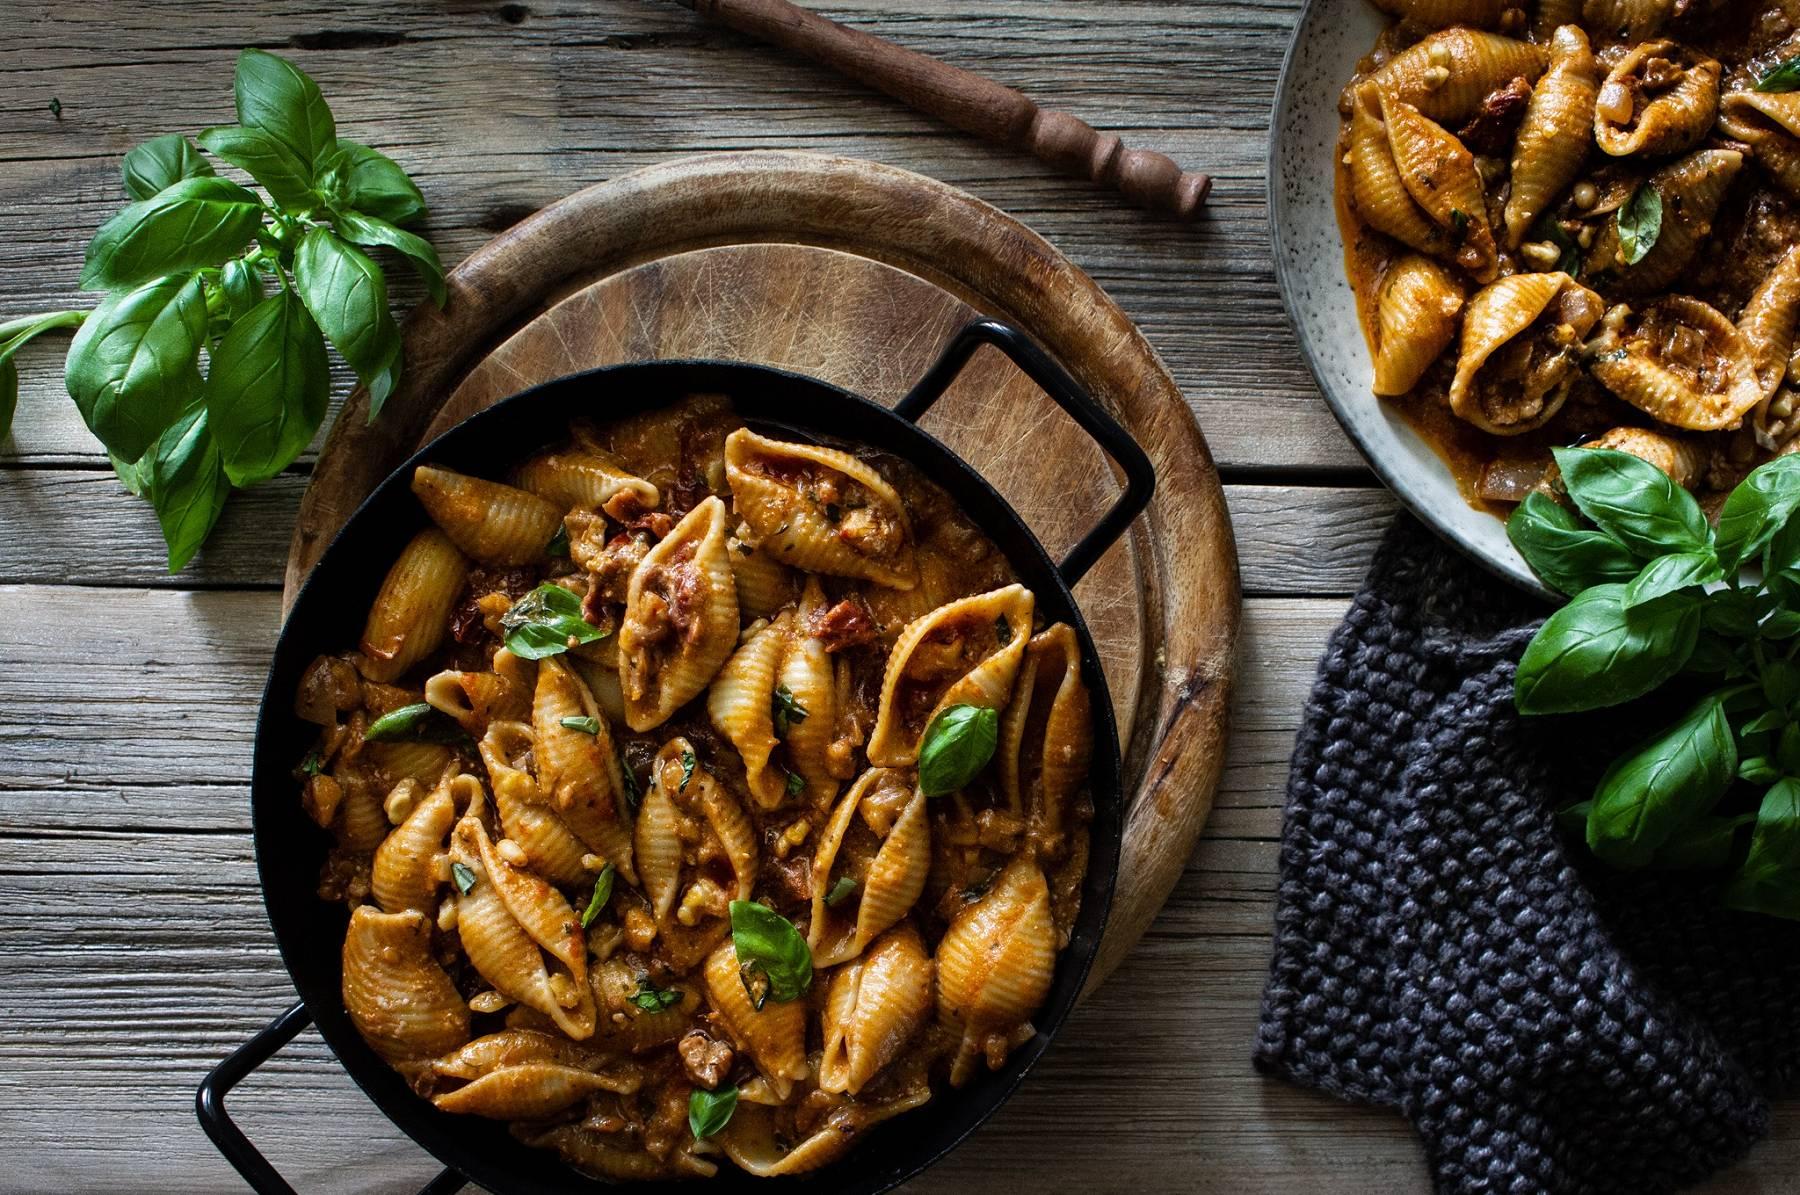 Shellnudeln mit Walnusshack | Veganes Meal Prep